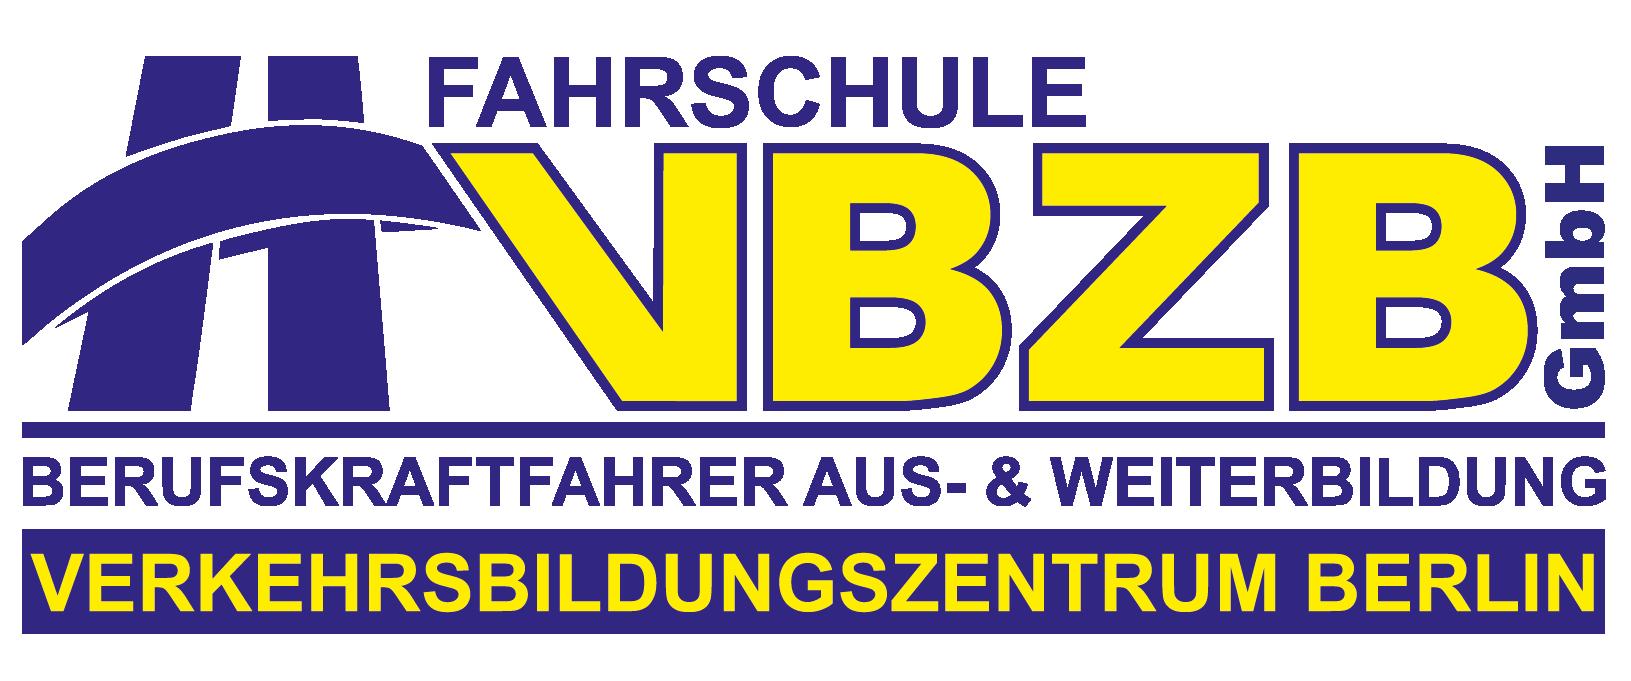 FAHRSCHULE VBZB Logo